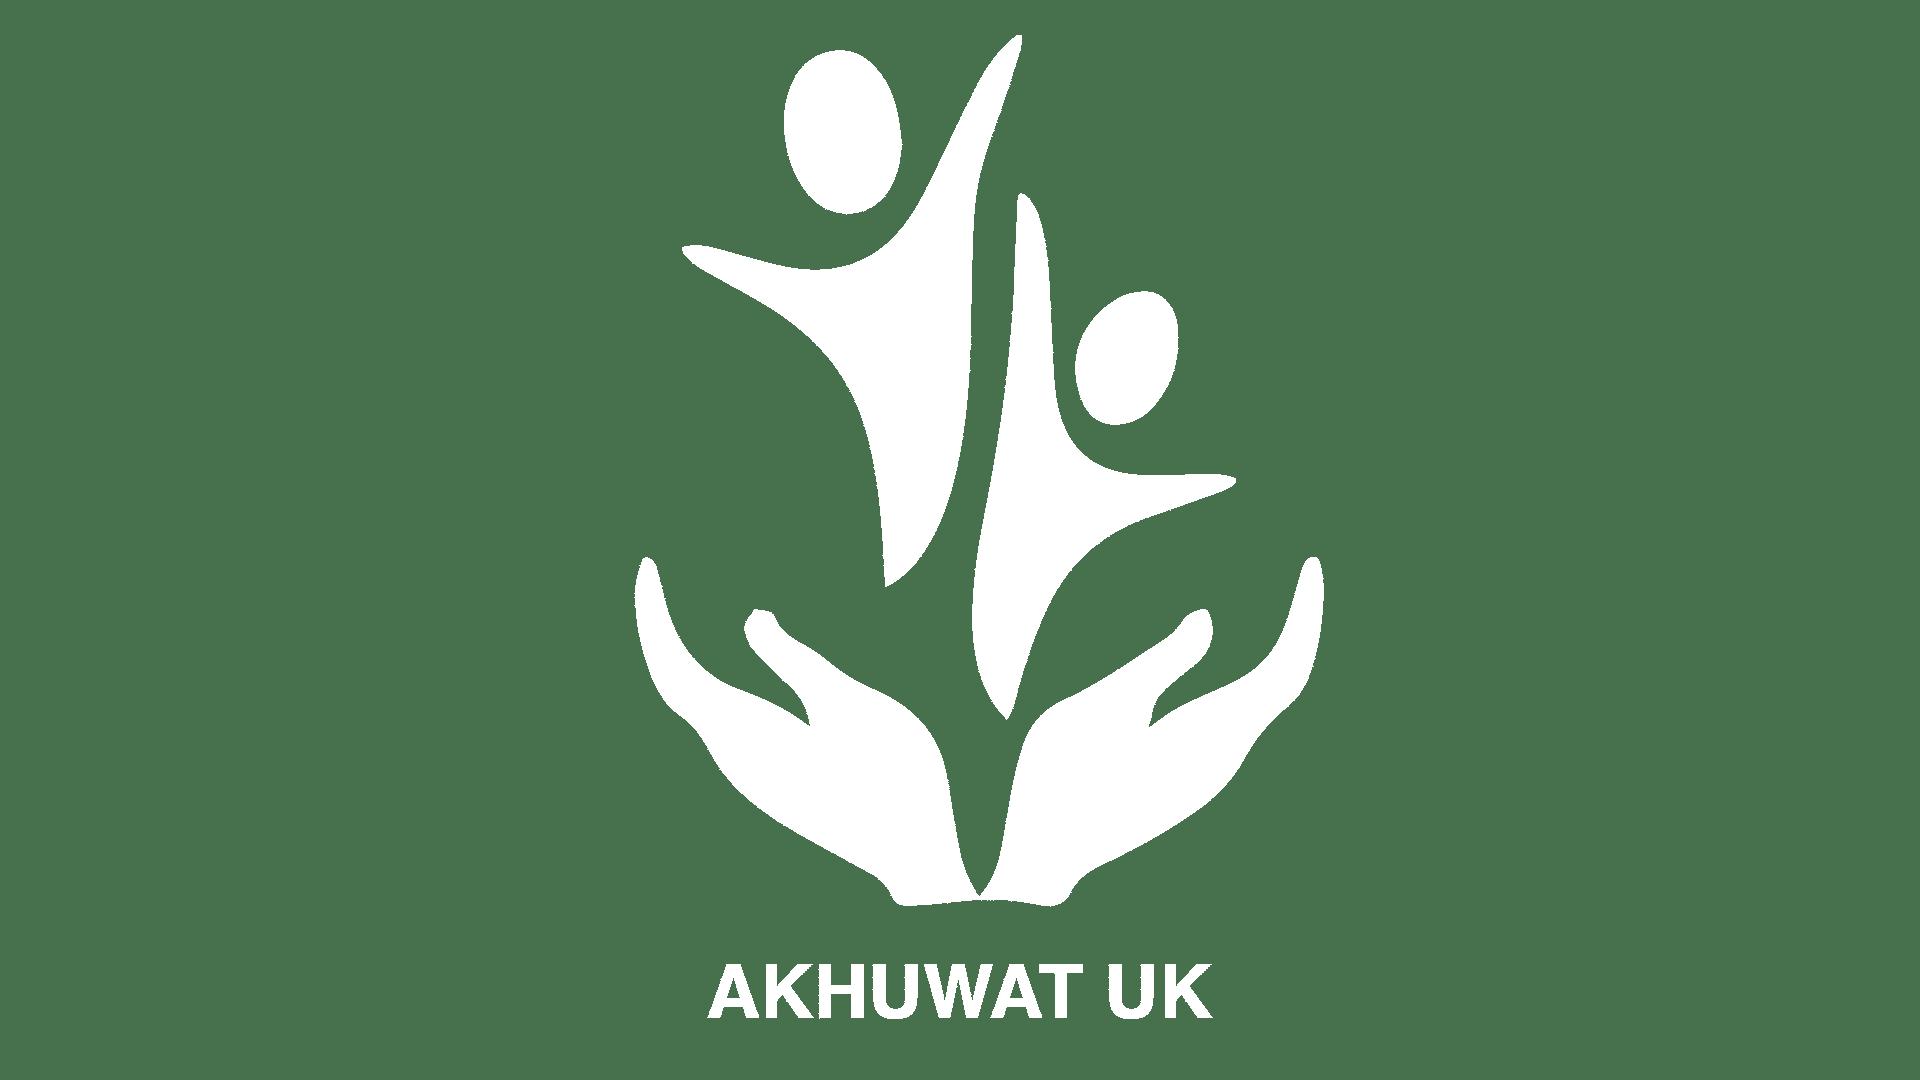 Akhuwat UK